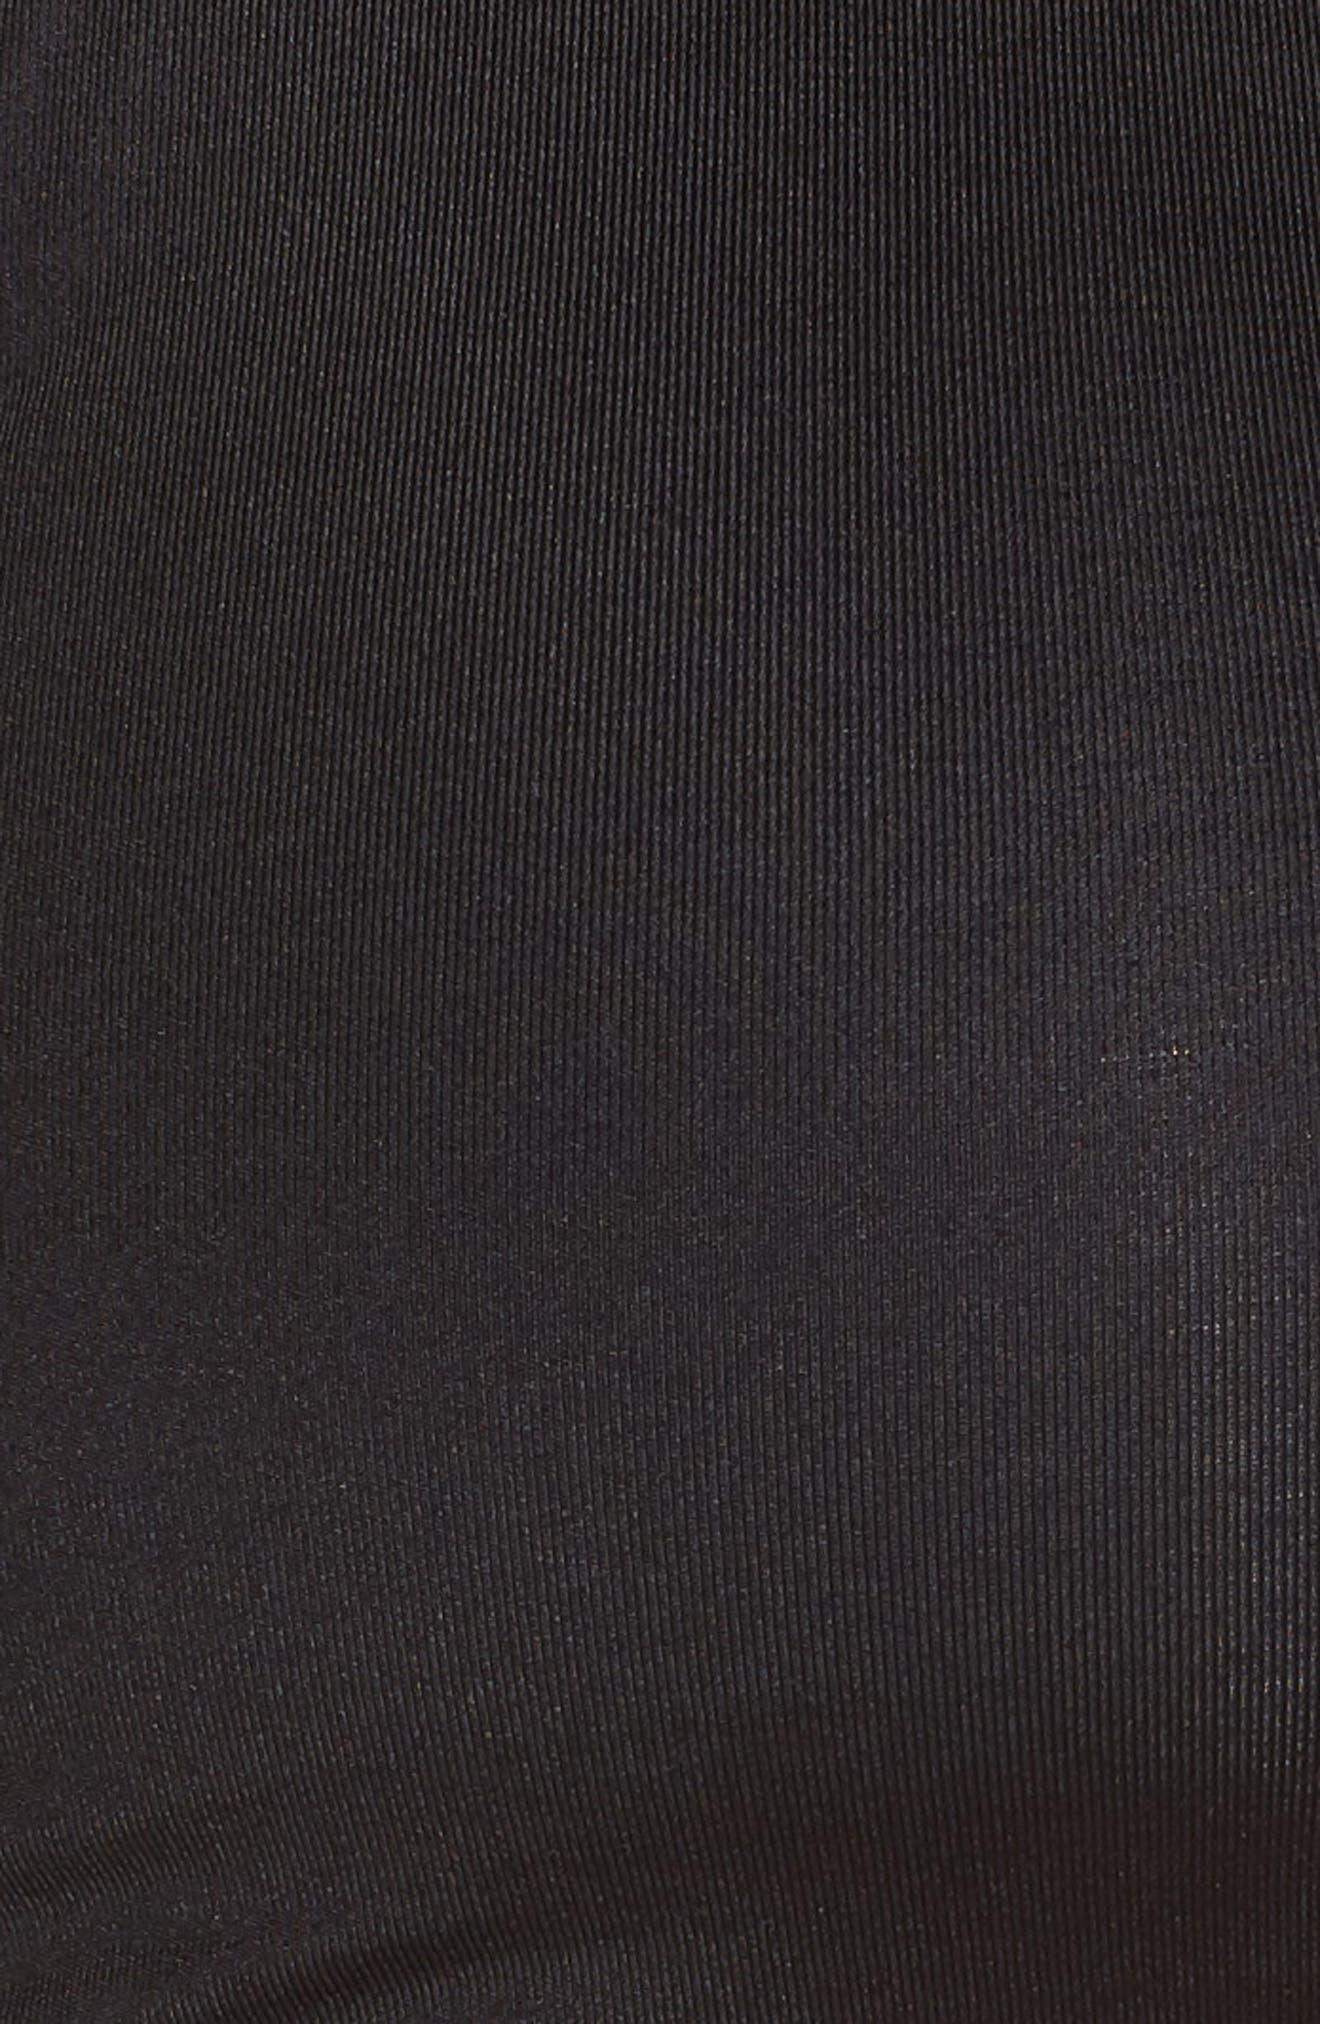 PATAGONIA,                             Seaglass Reversible Bikini Top,                             Alternate thumbnail 6, color,                             003